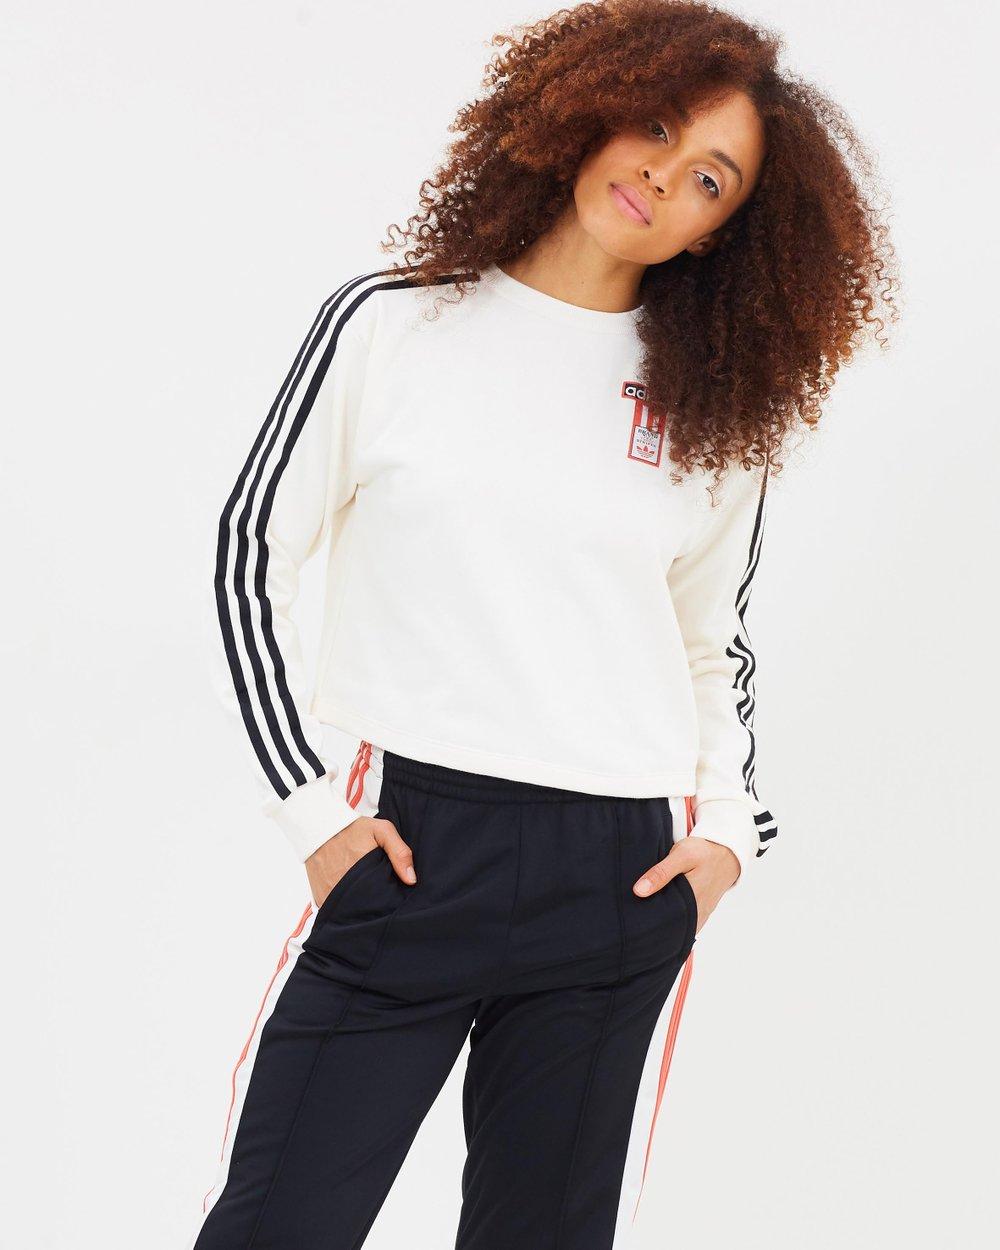 d5fe6875e66a Adibreak Sweatshirt by adidas Originals Online